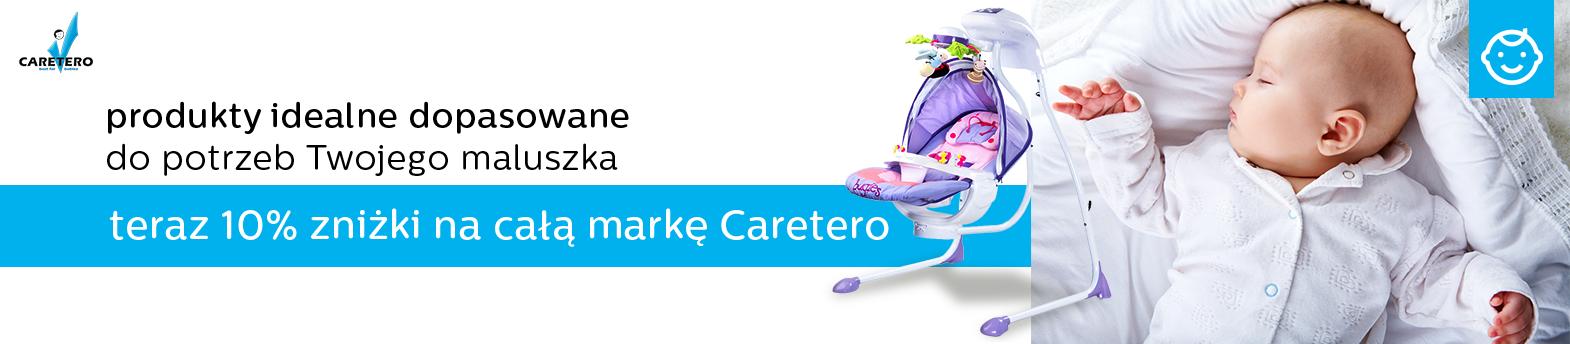 Caretero - 10%